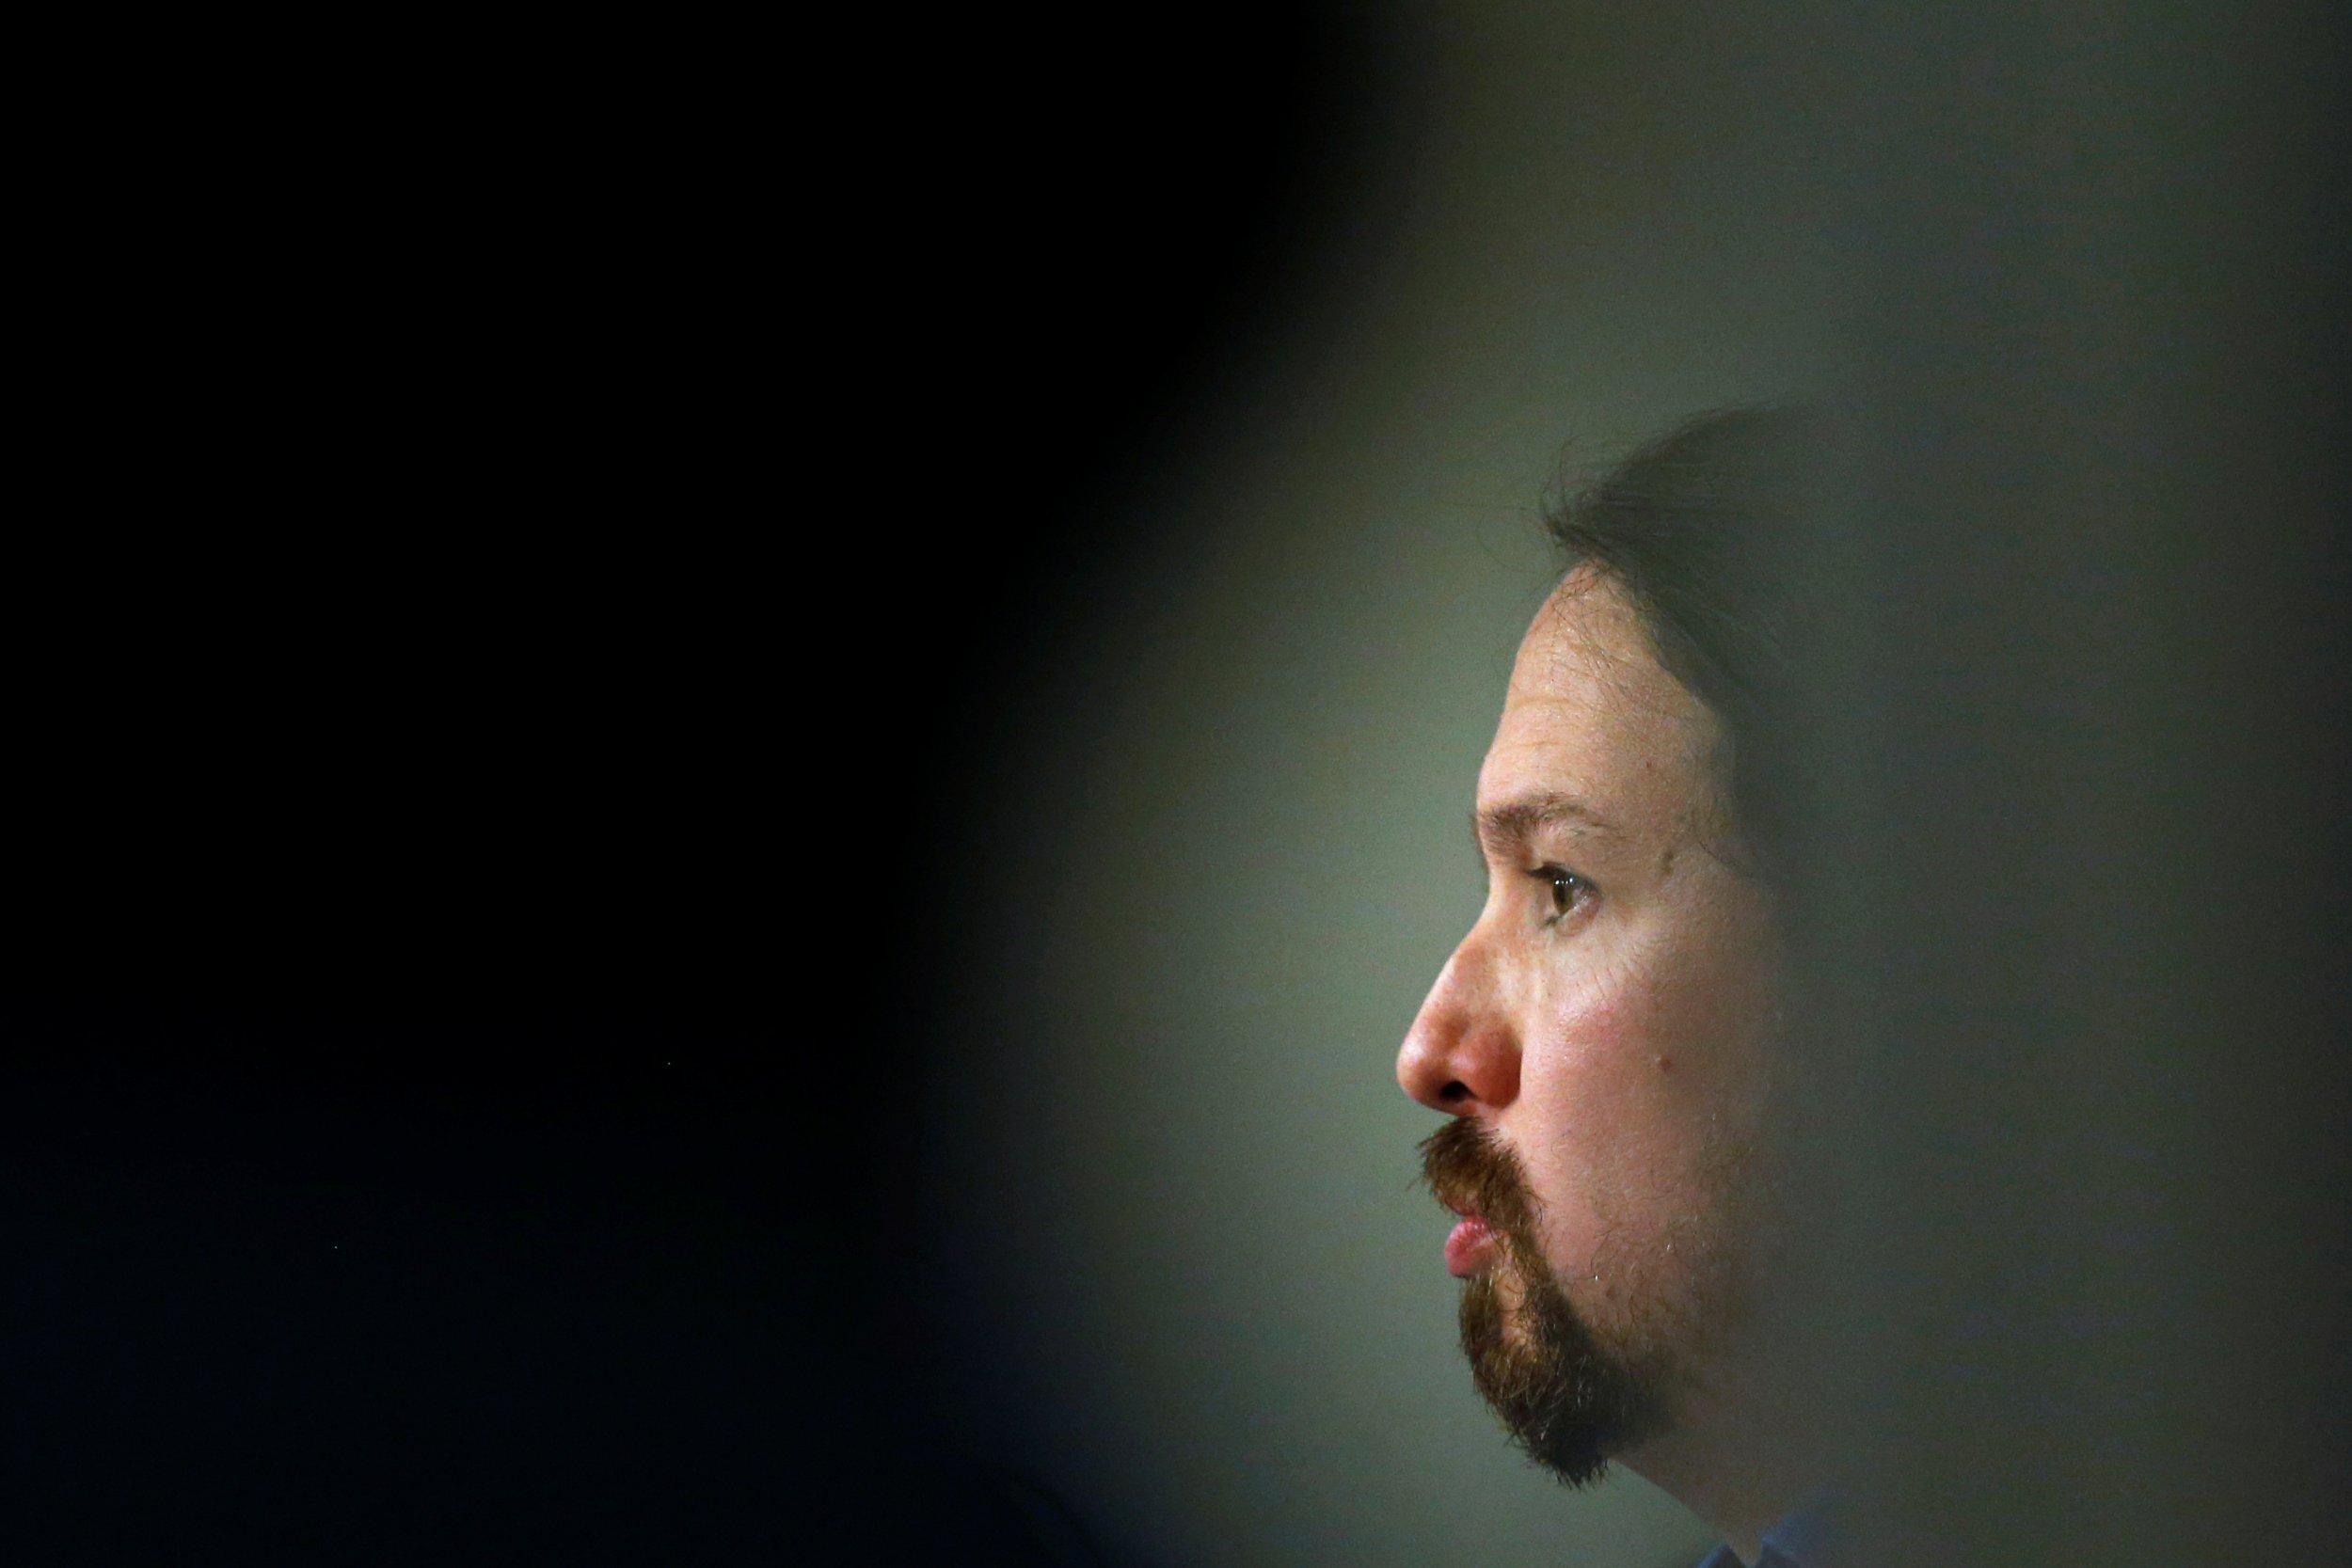 26/04/2016_Podemos Pablo Iglesias